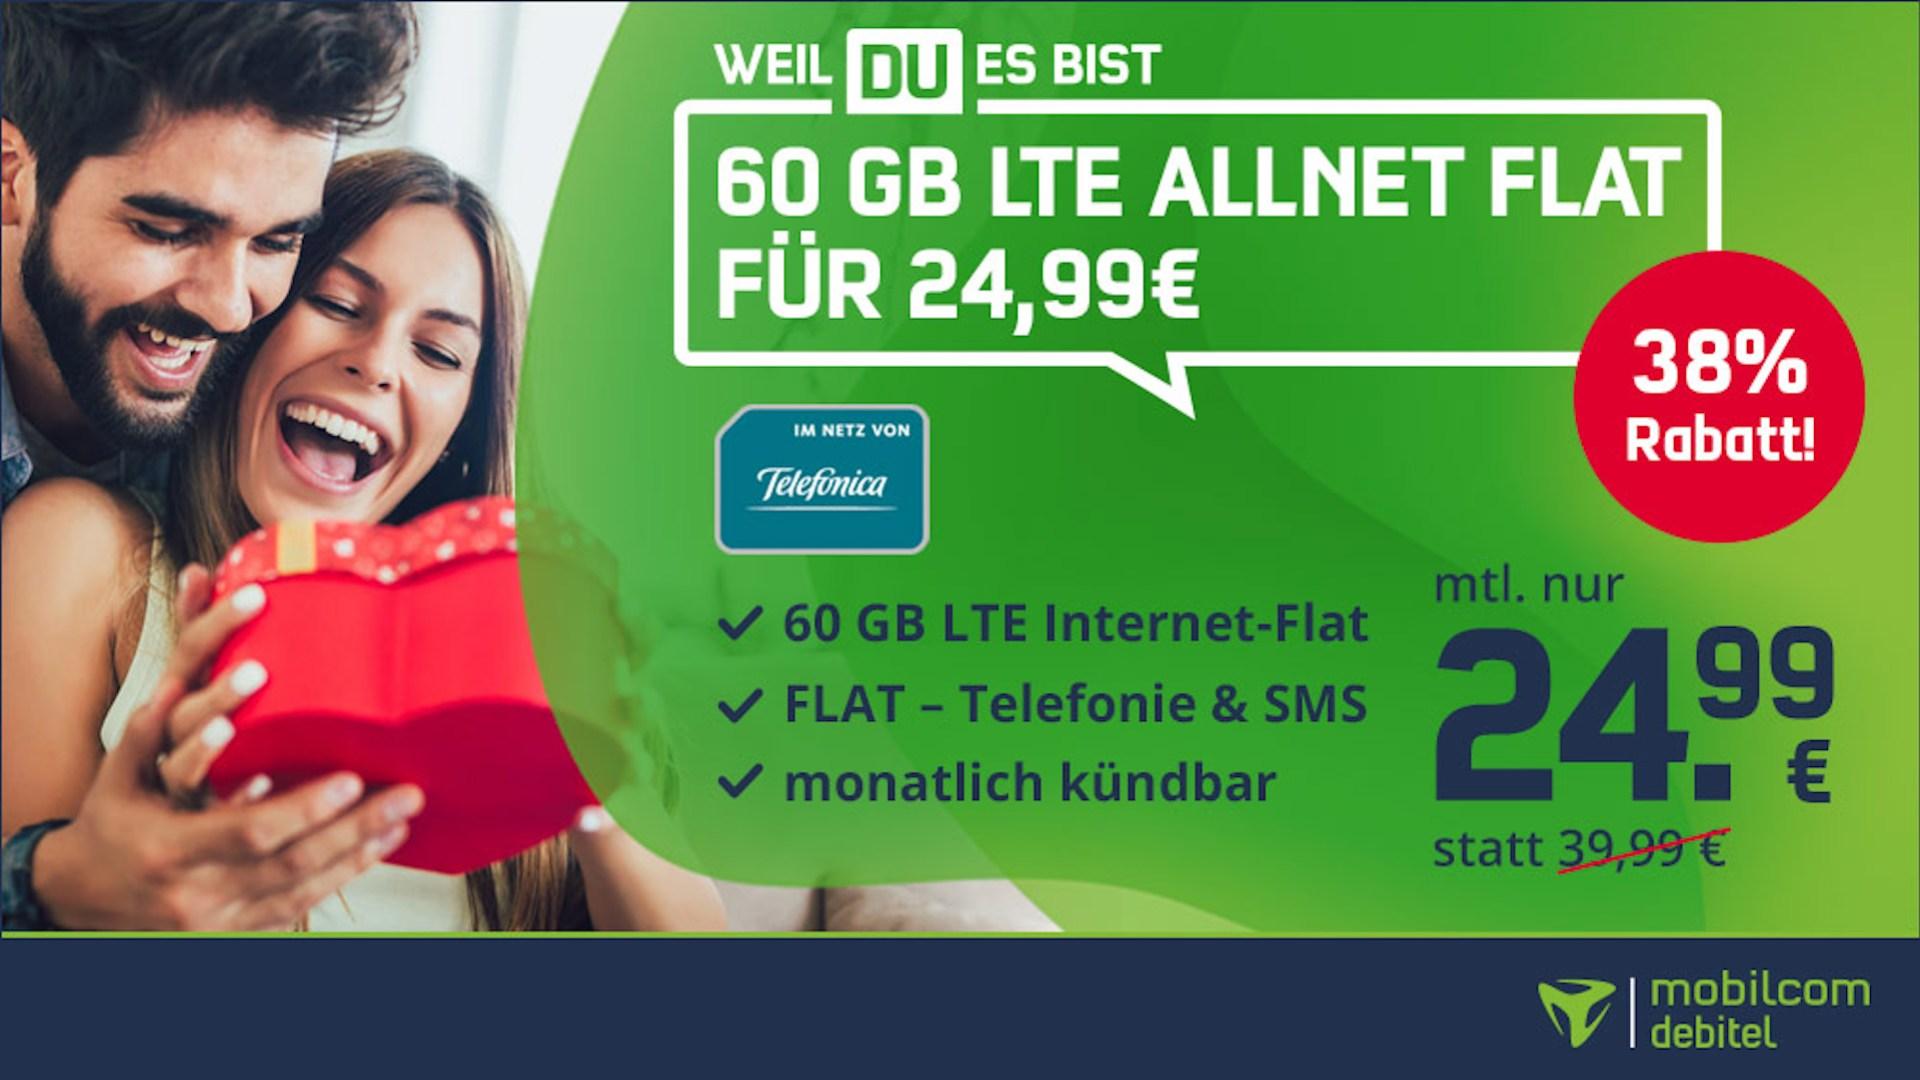 Tarif, Aktion, Rabatt, Telefonica, Mobilcom-Debitel